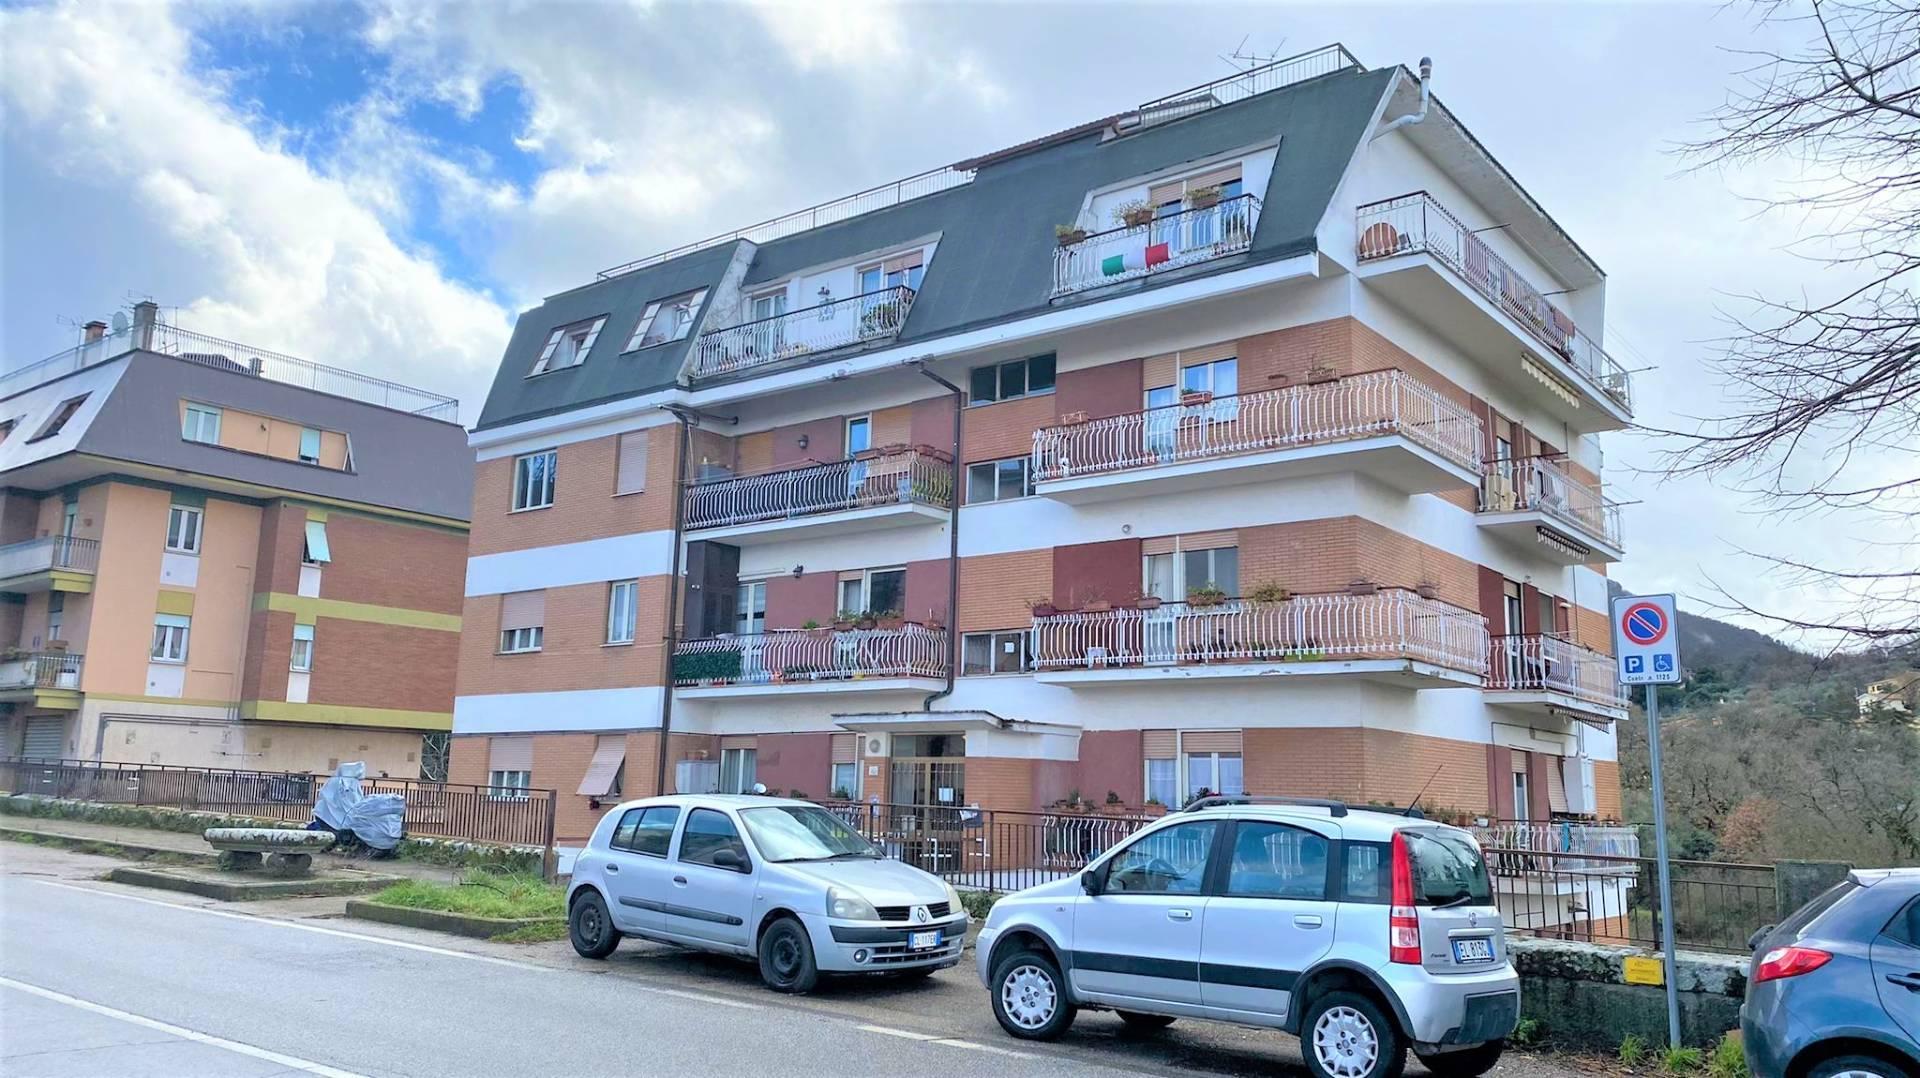 Appartamento in vendita a Viterbo, 4 locali, zona Zona: Bagnaia, prezzo € 79.000 | CambioCasa.it